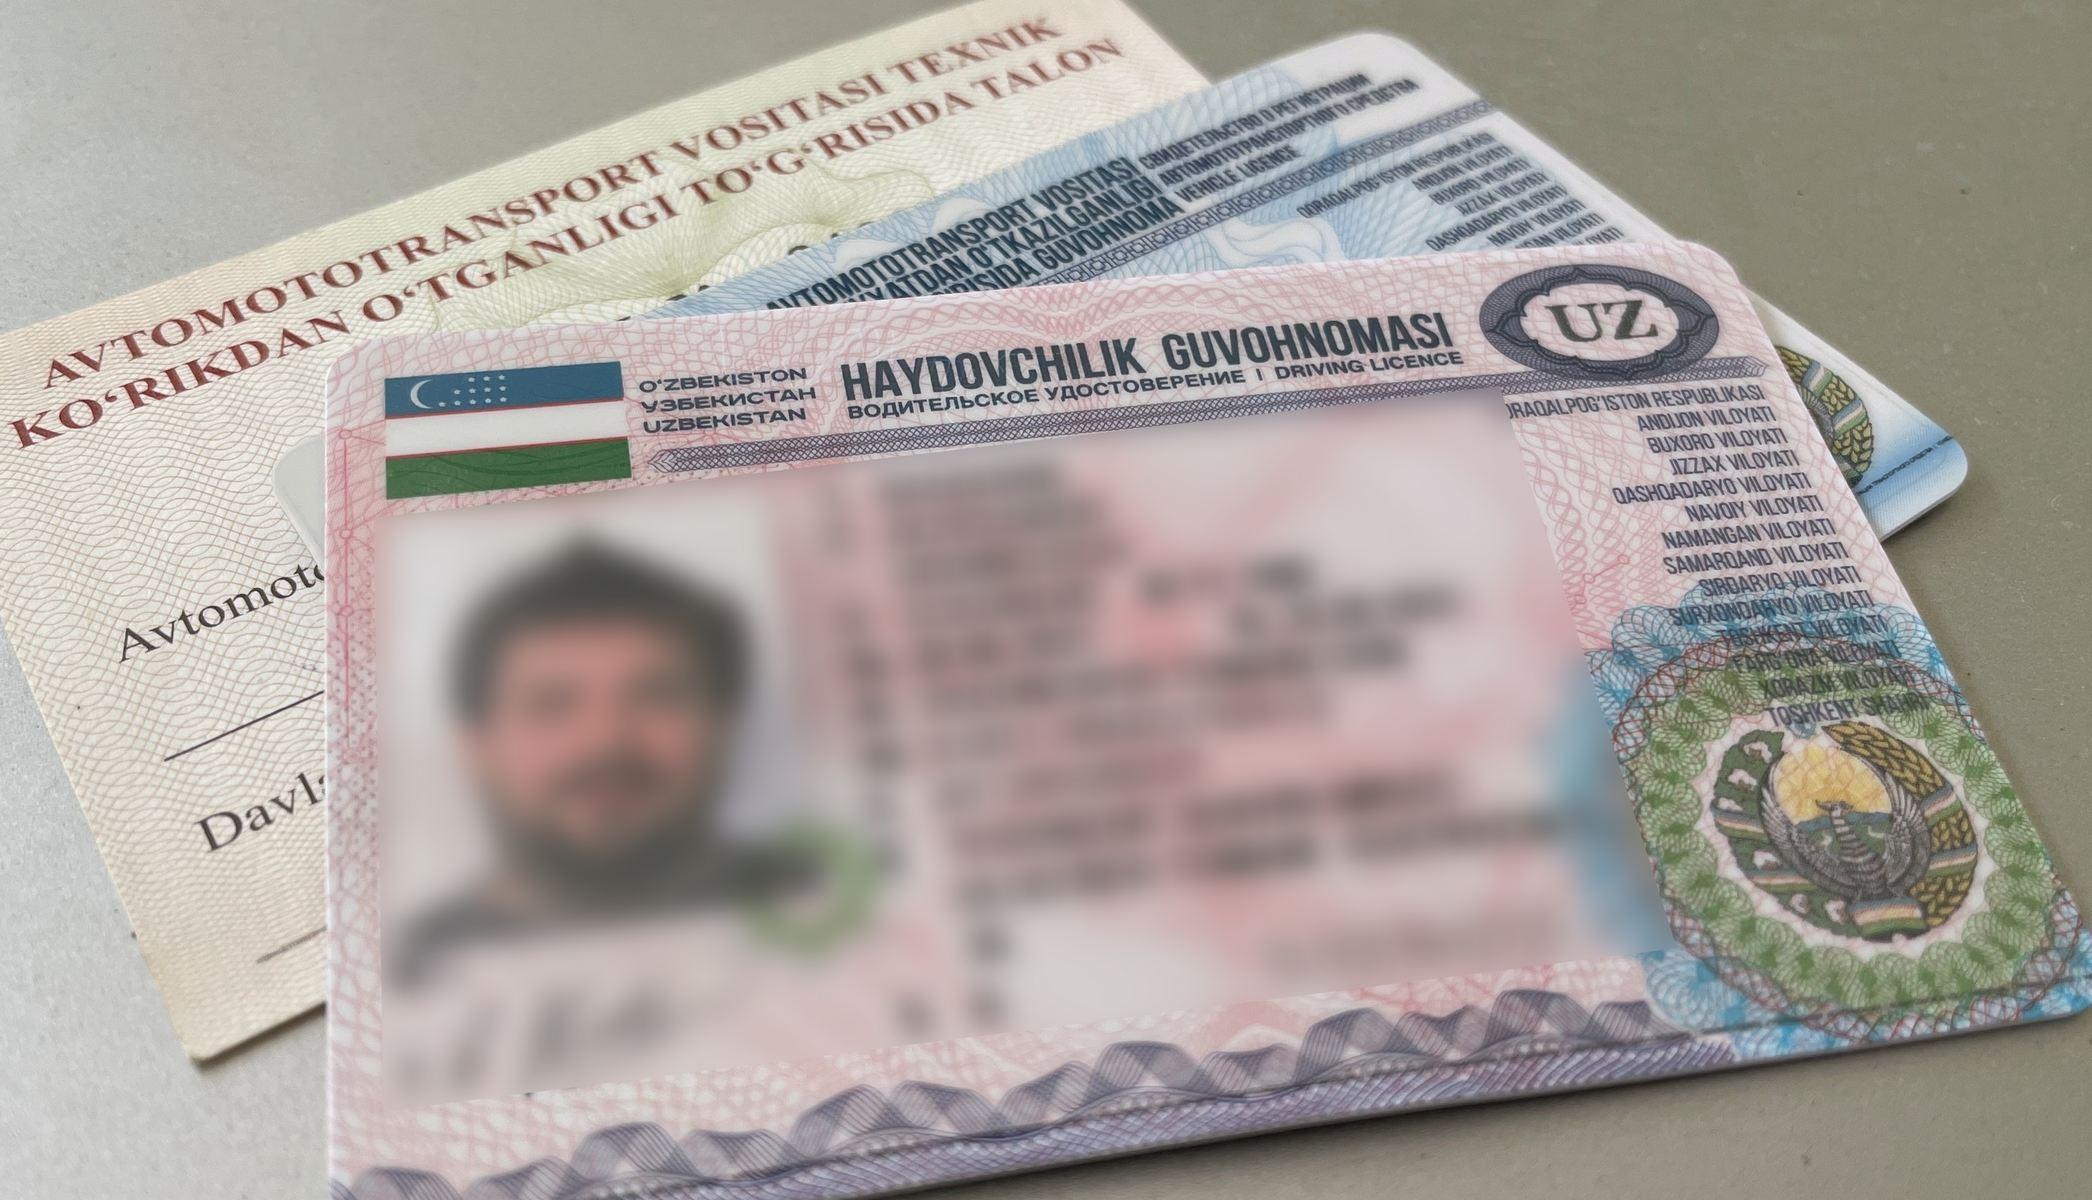 Водительские удостоверения нового образца нужно получить до конца 2021 года